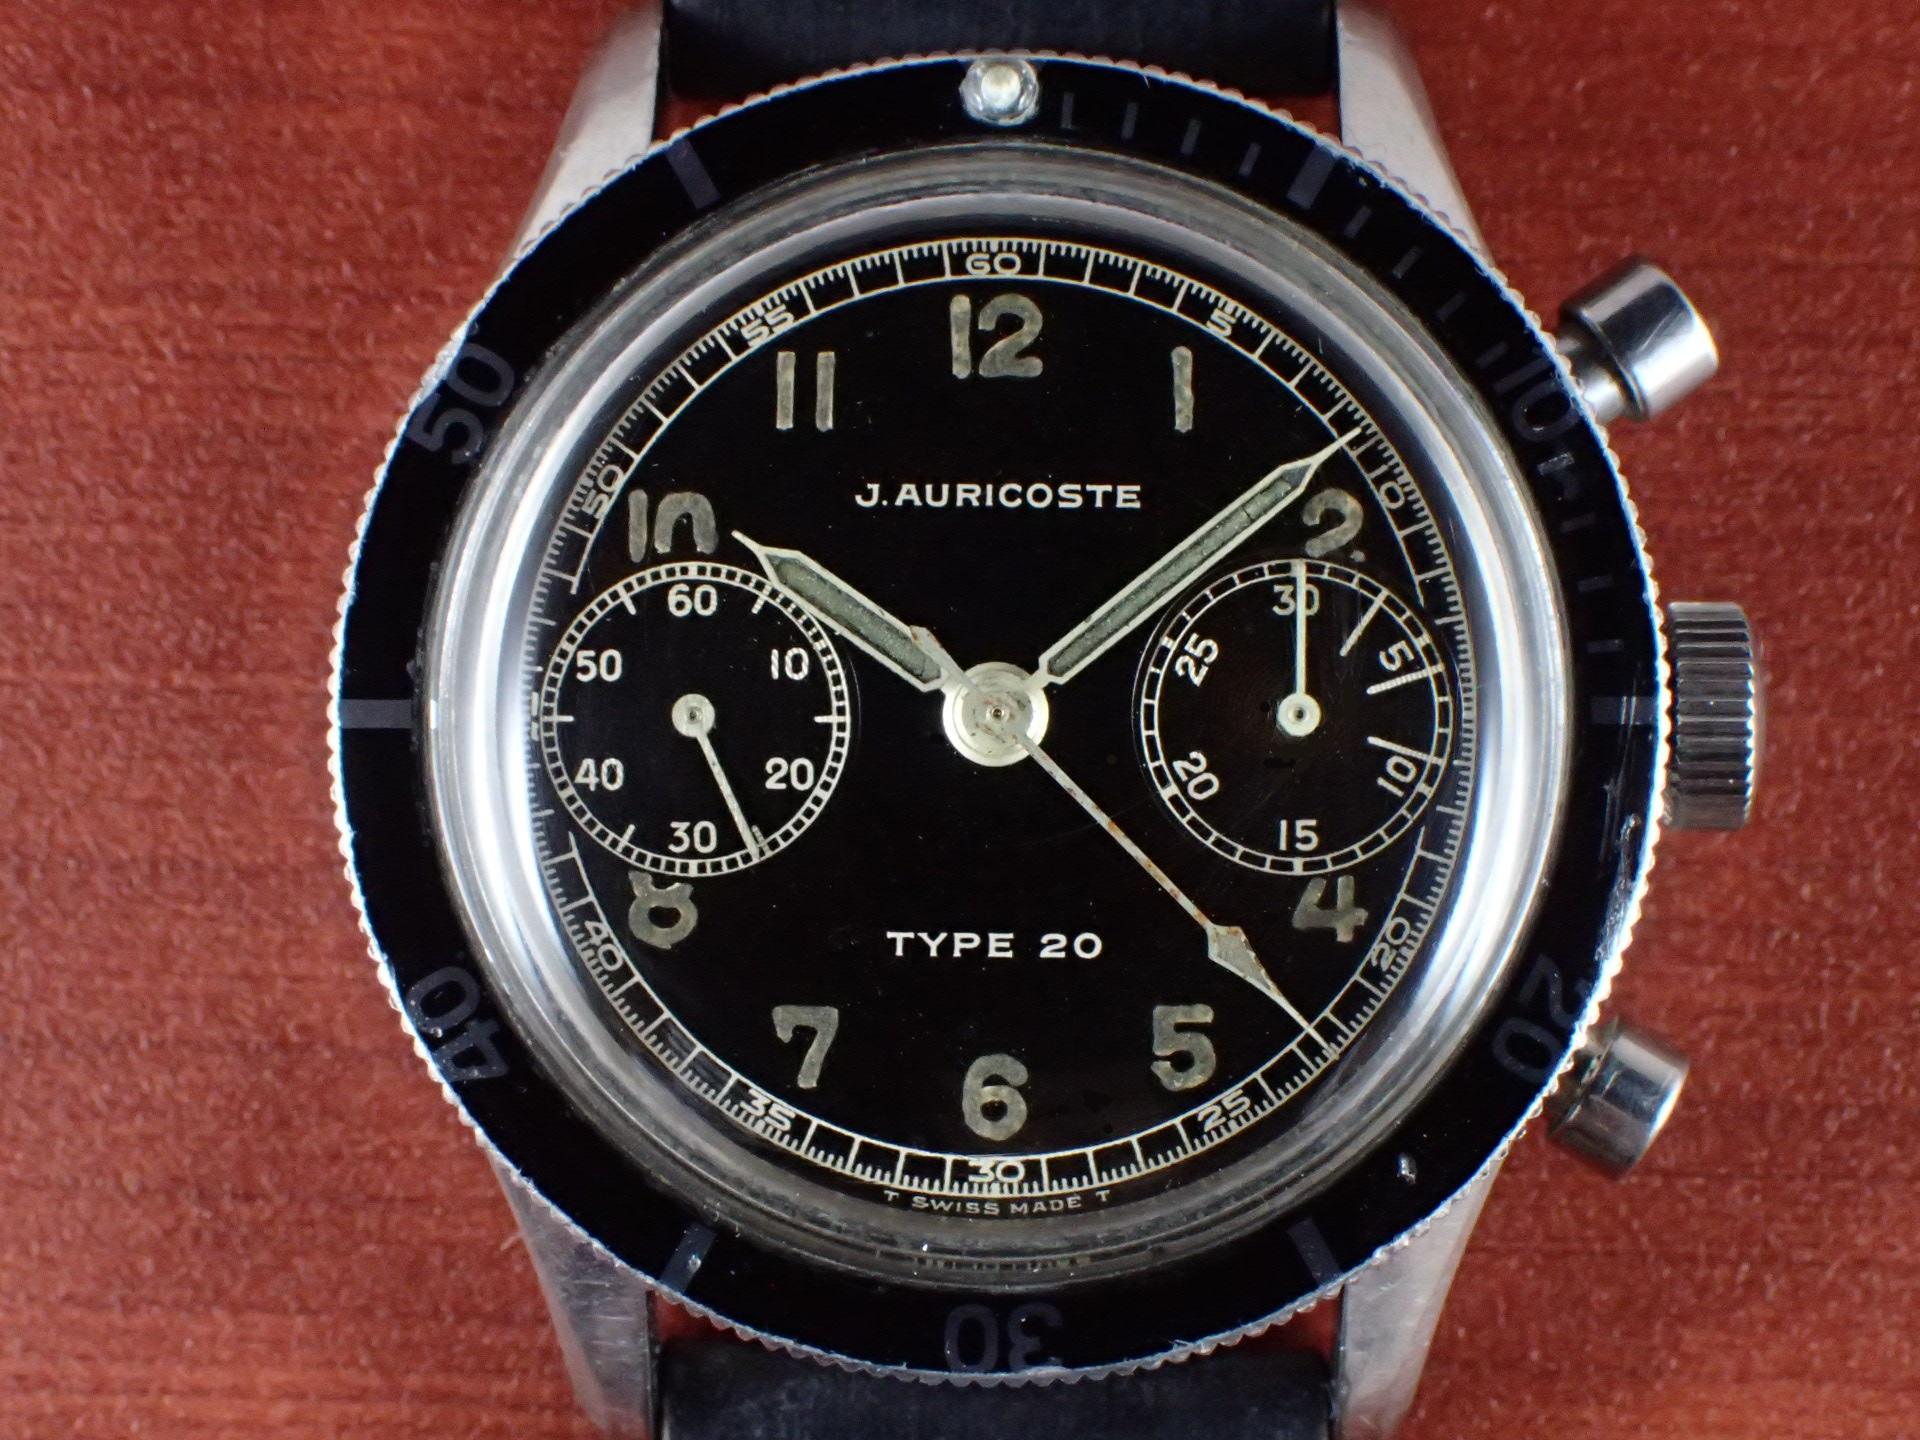 アウリコスト タイプ20 パイロットウォッチ フライバック クロノグラフ 1960年代の写真2枚目